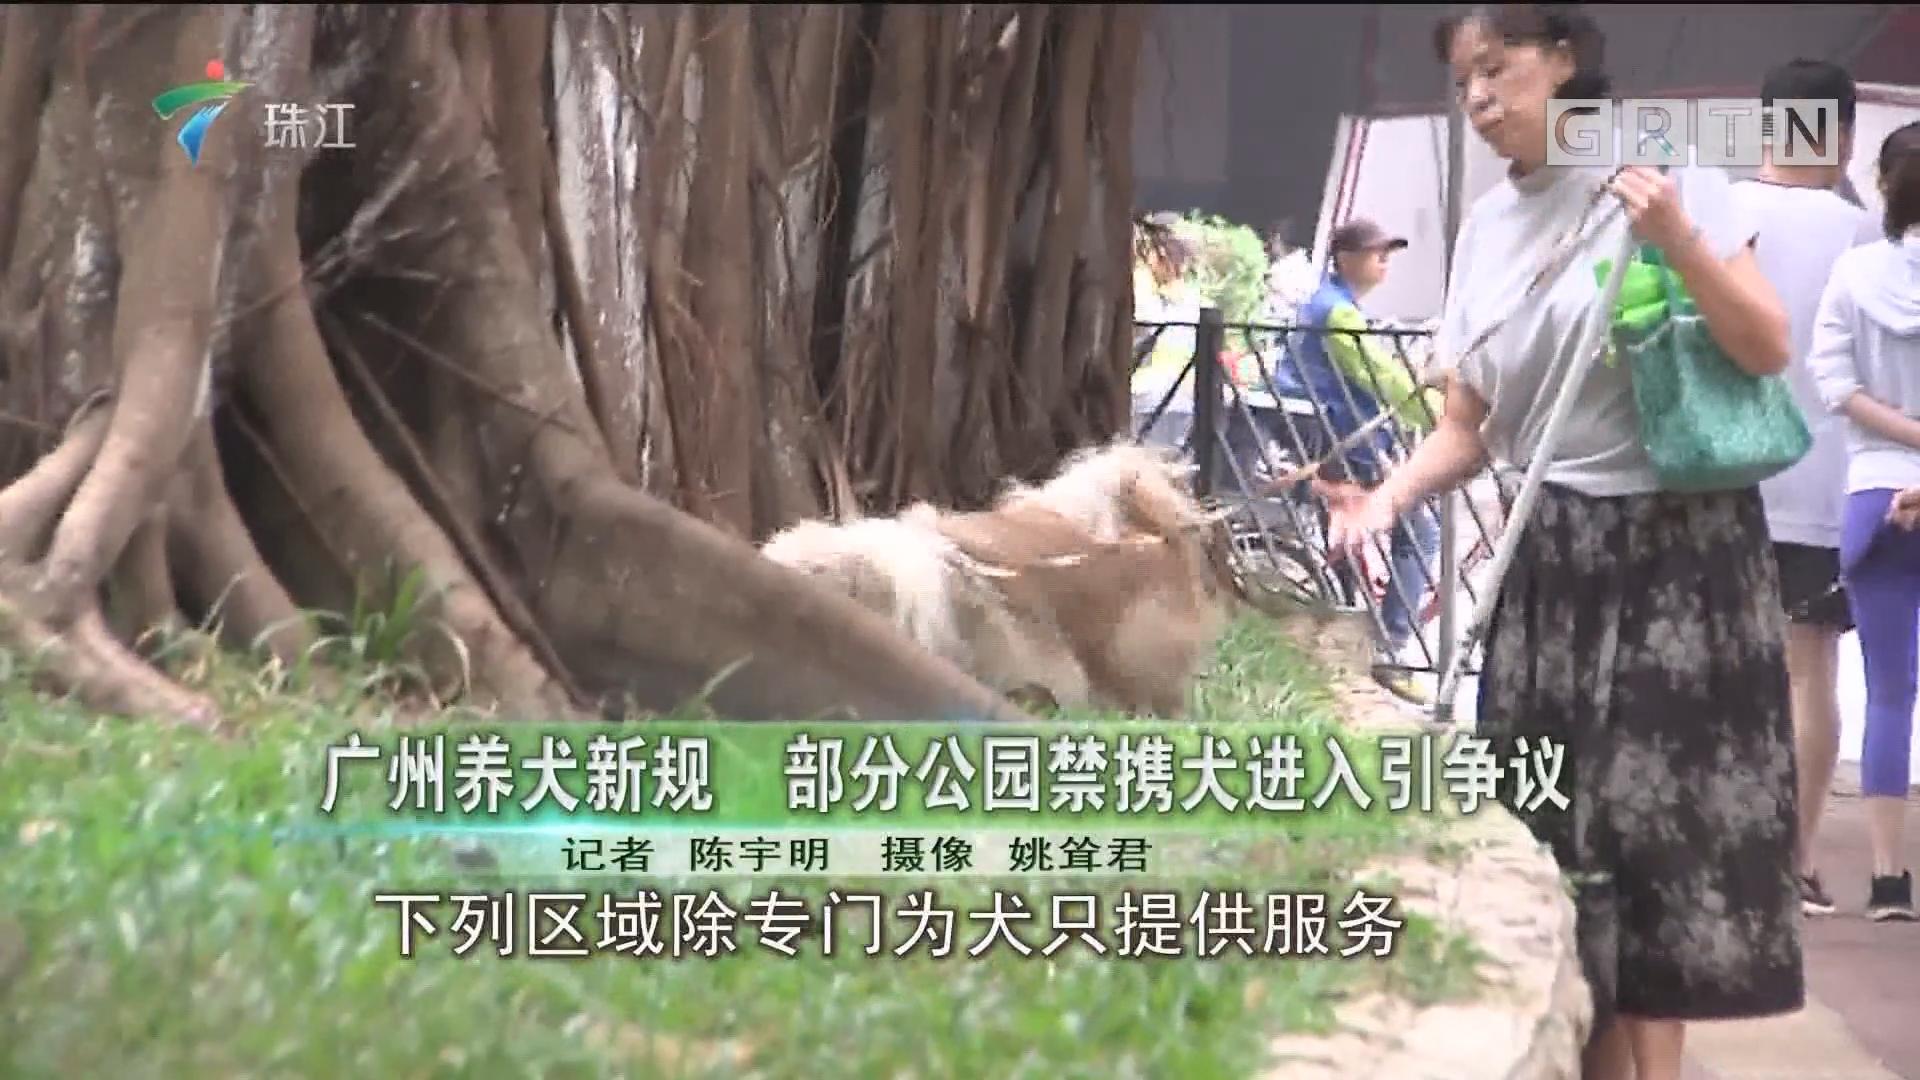 广州养犬新规 部分公园禁携犬进入引争议